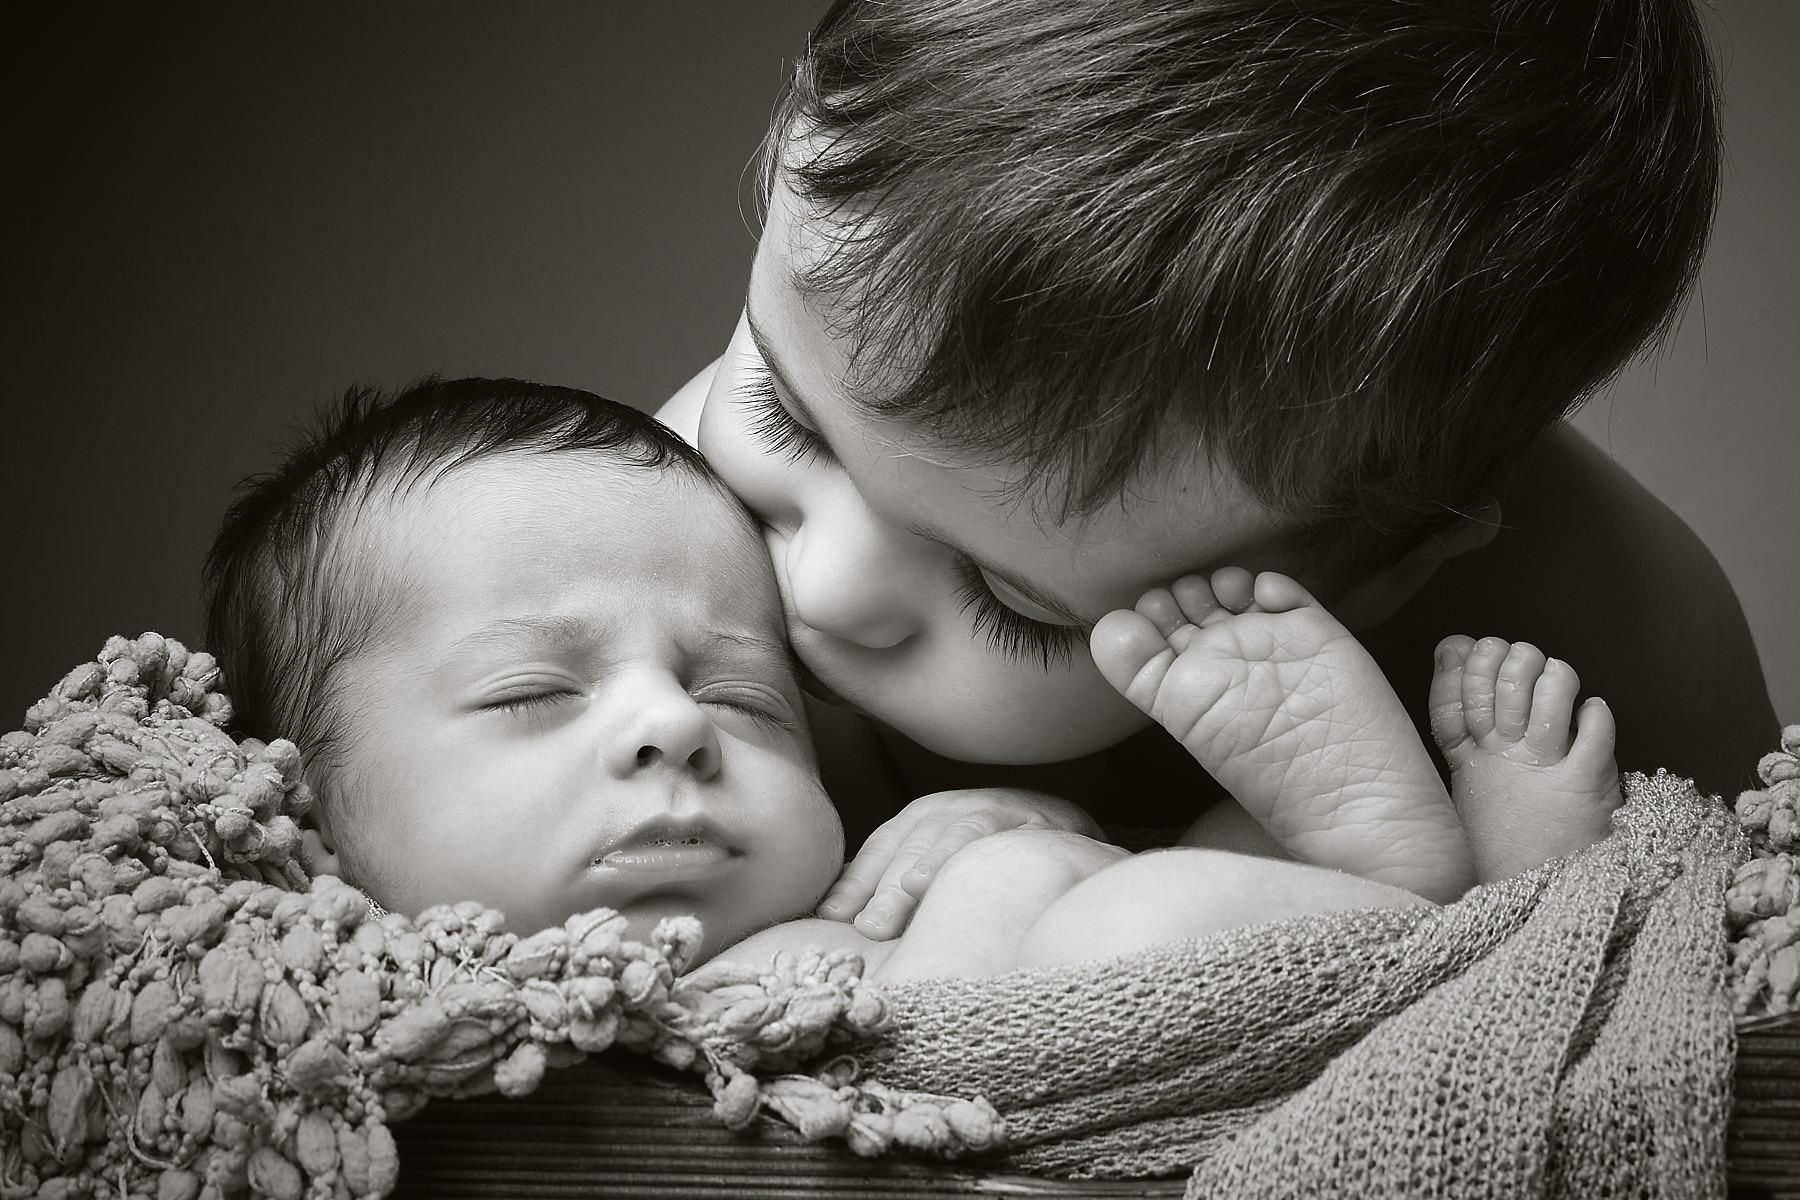 hermano le da un beso al bebe en estudio alcoy